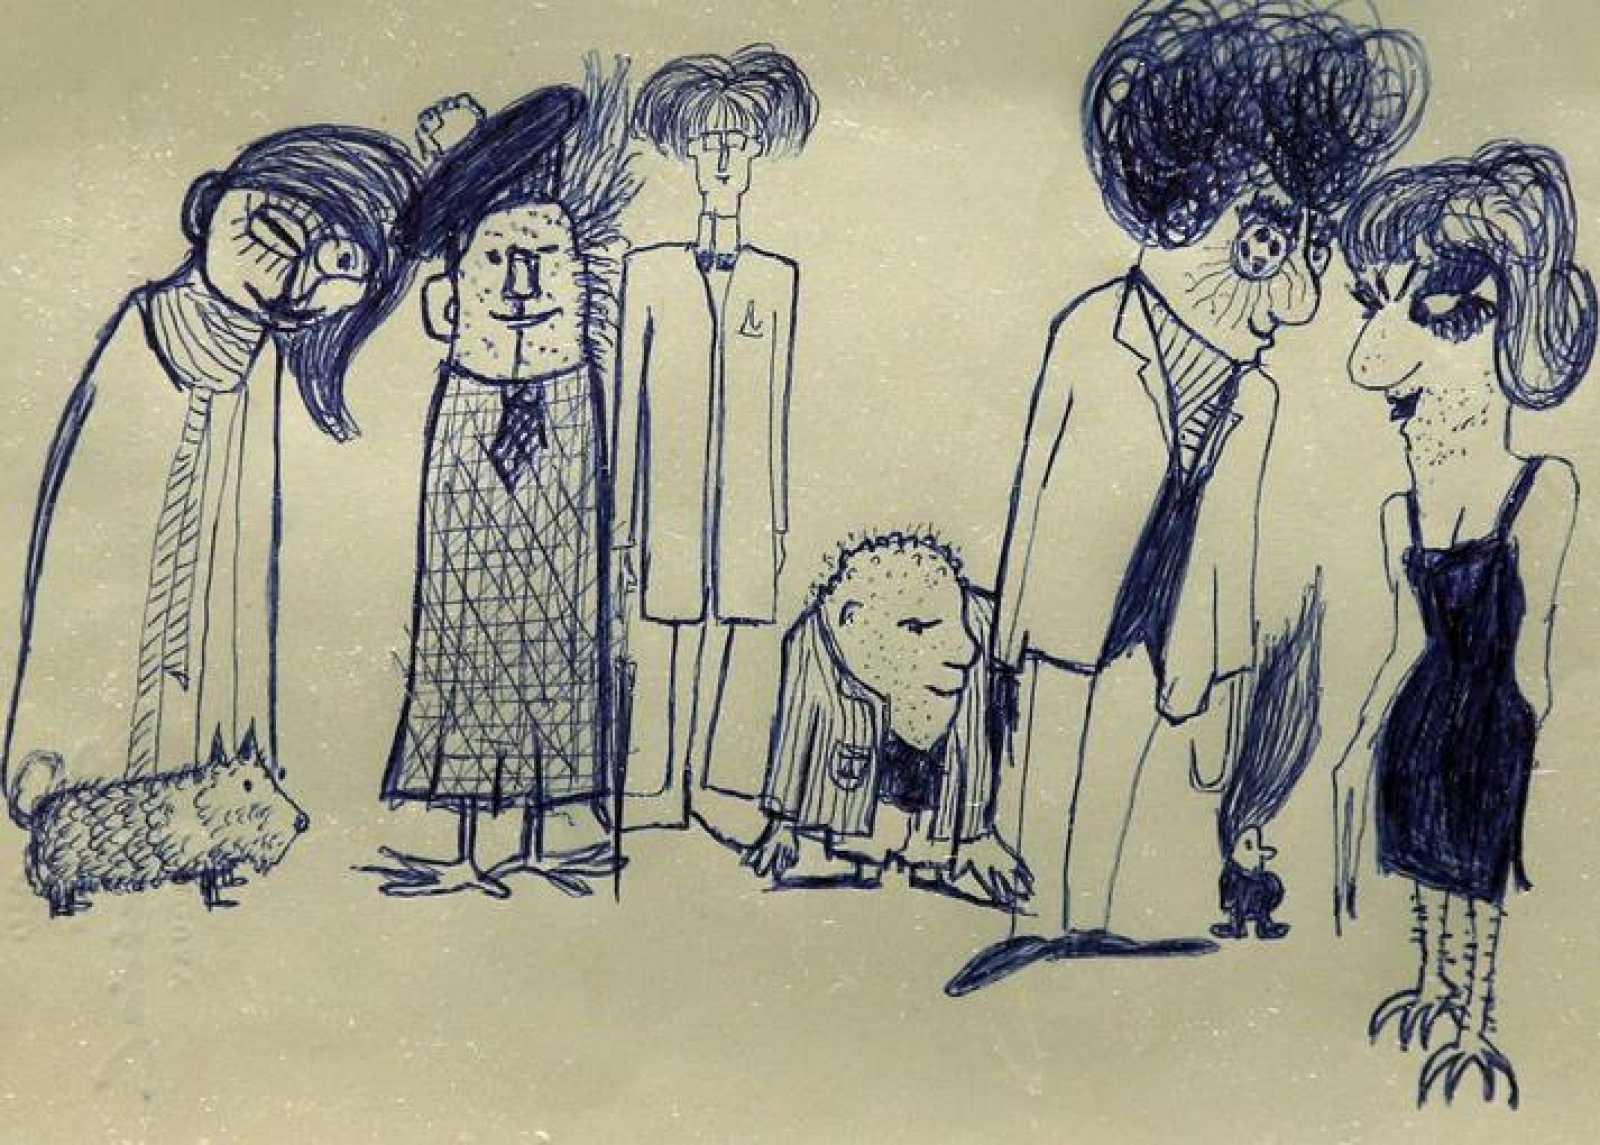 Dibujo realizado por John Lennon, a la venta en Nueva York